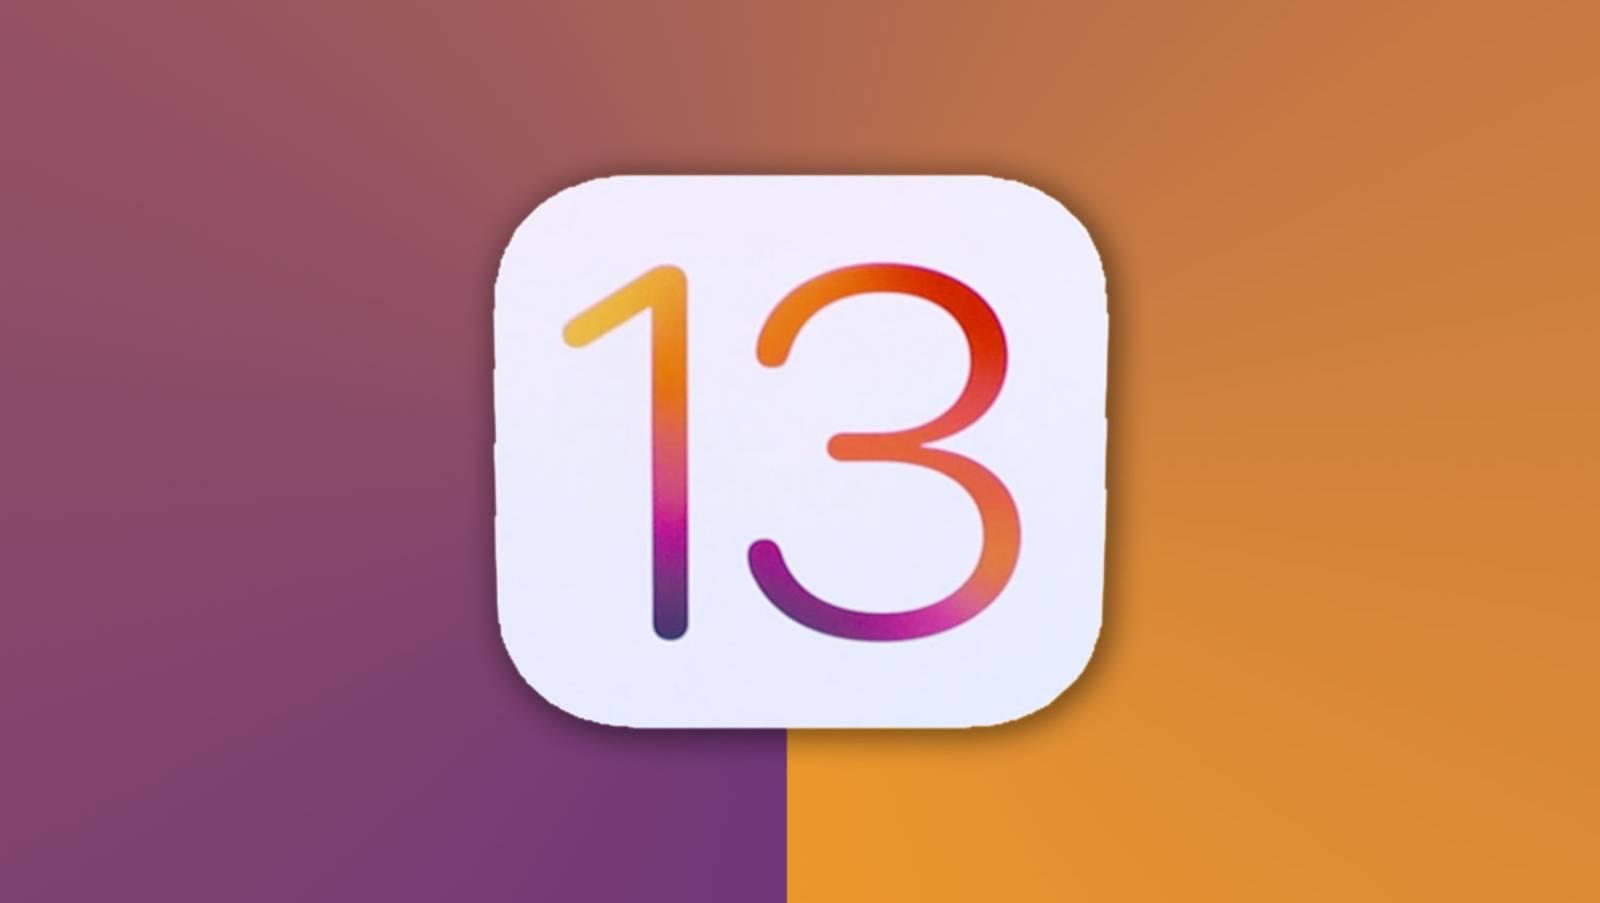 ios 13 haptic feedback face id